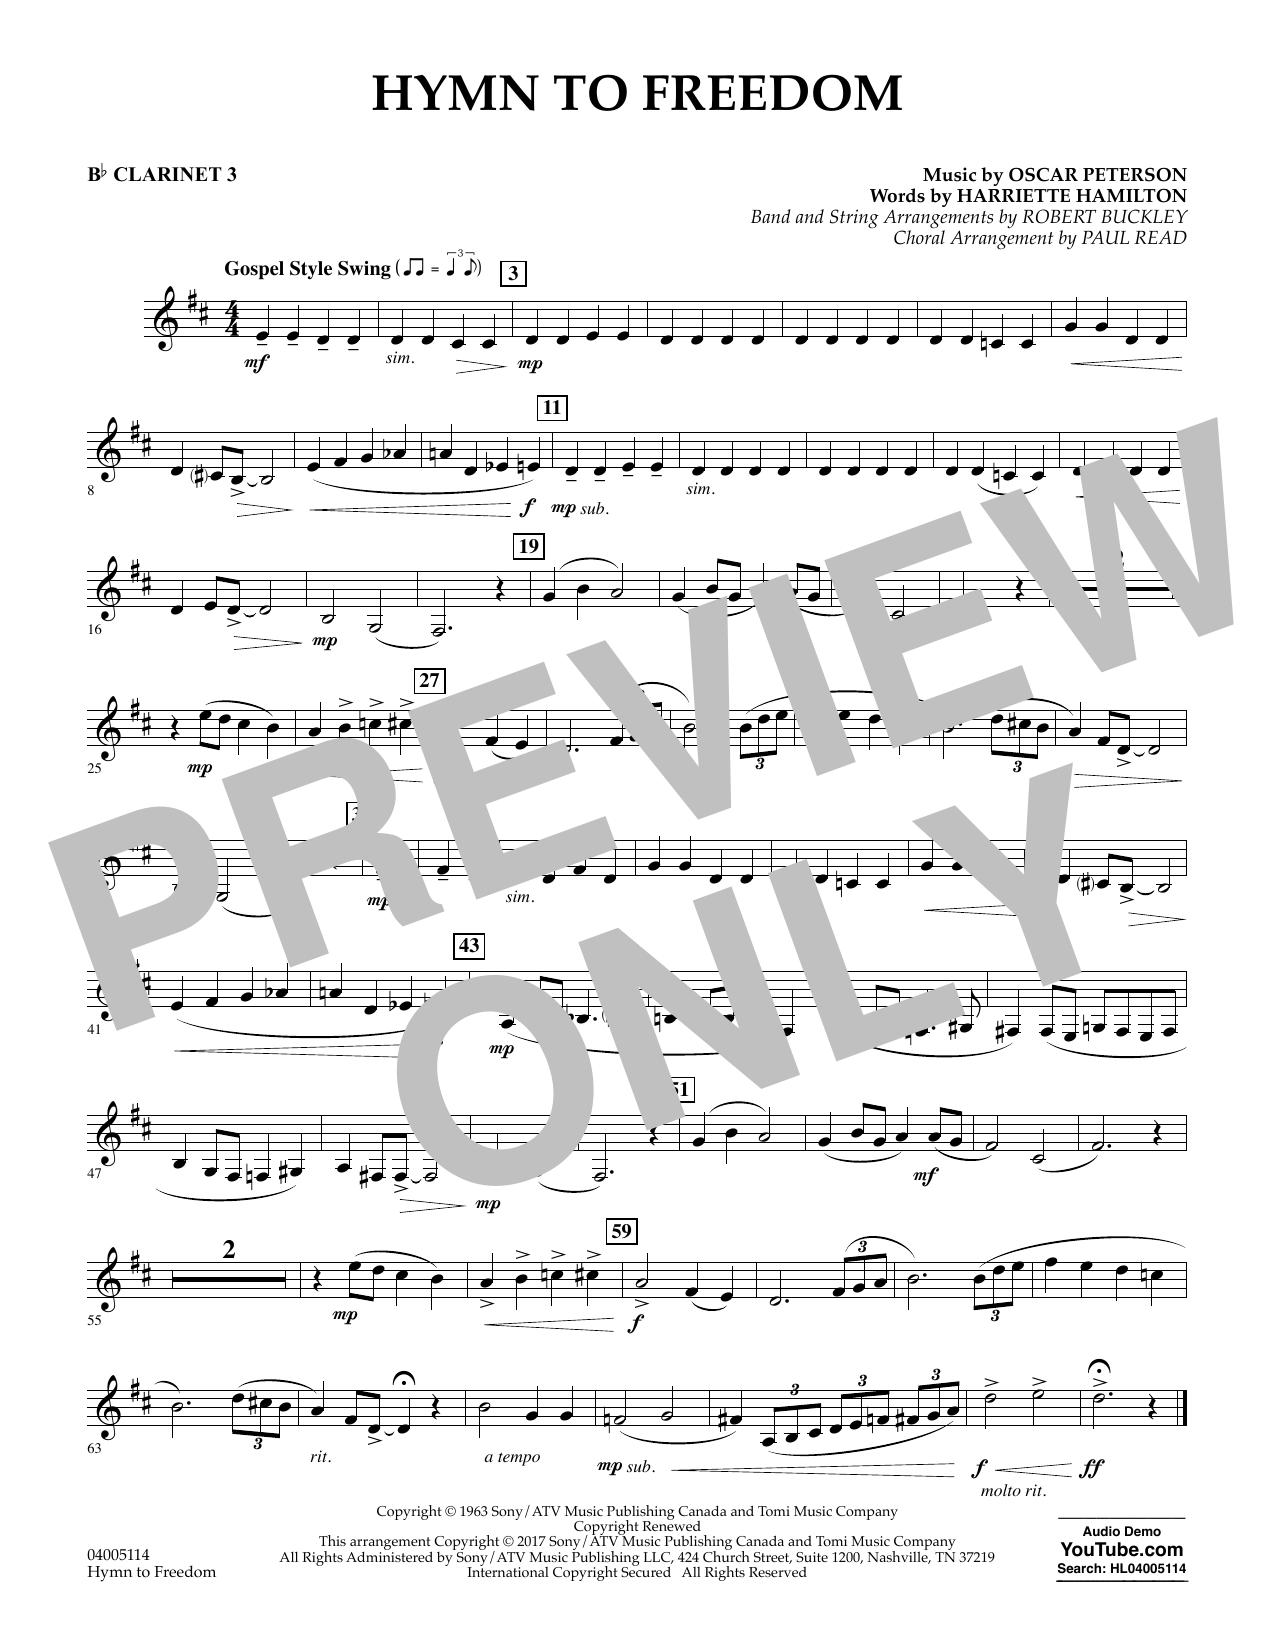 Hymn to Freedom - Bb Clarinet 3 (Flex-Band)